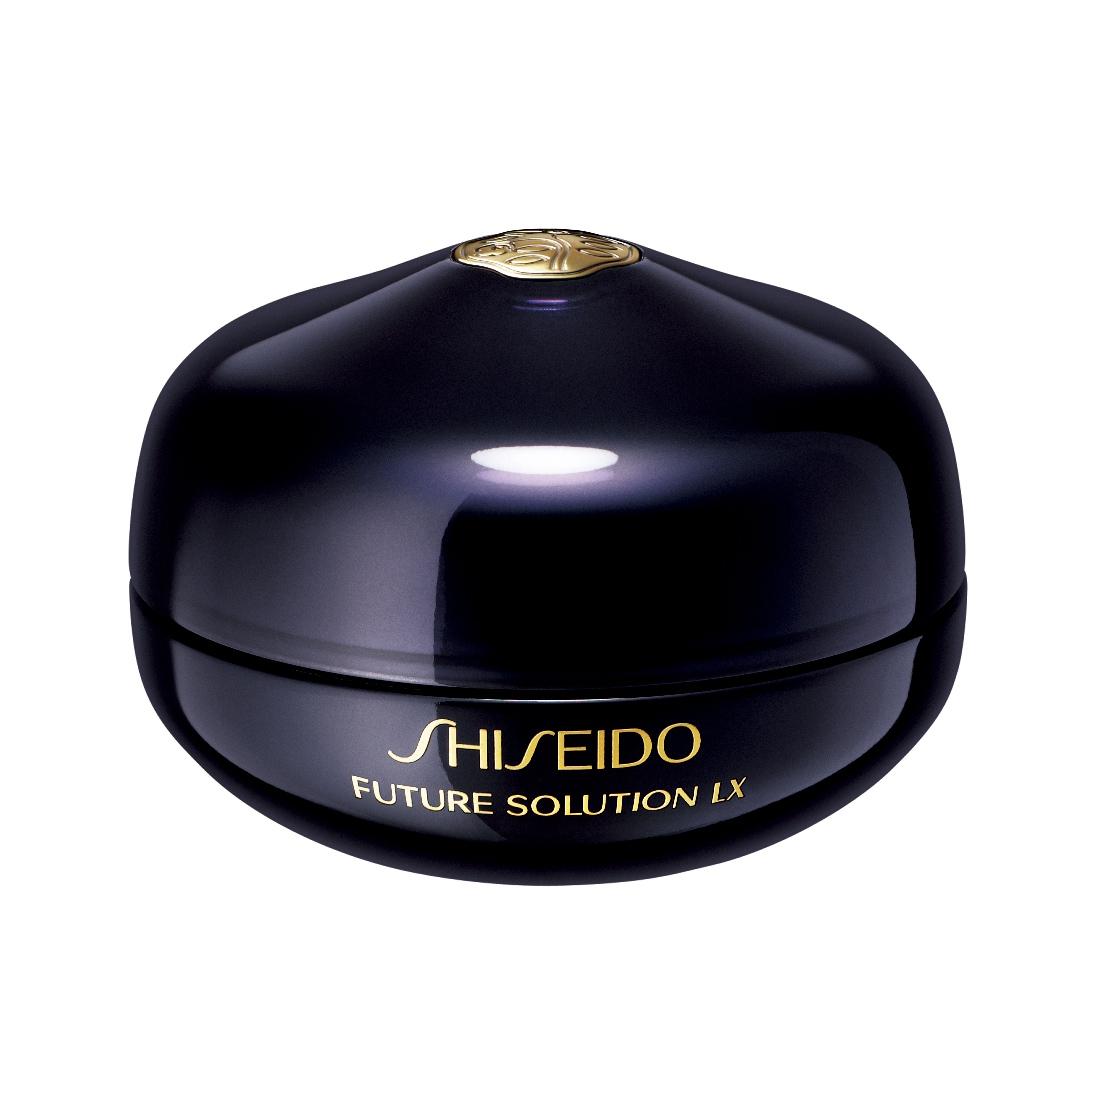 Shiseido - Future Solution Lx - Crème Régénérante Contour Yeux & Lèvres 15 ml